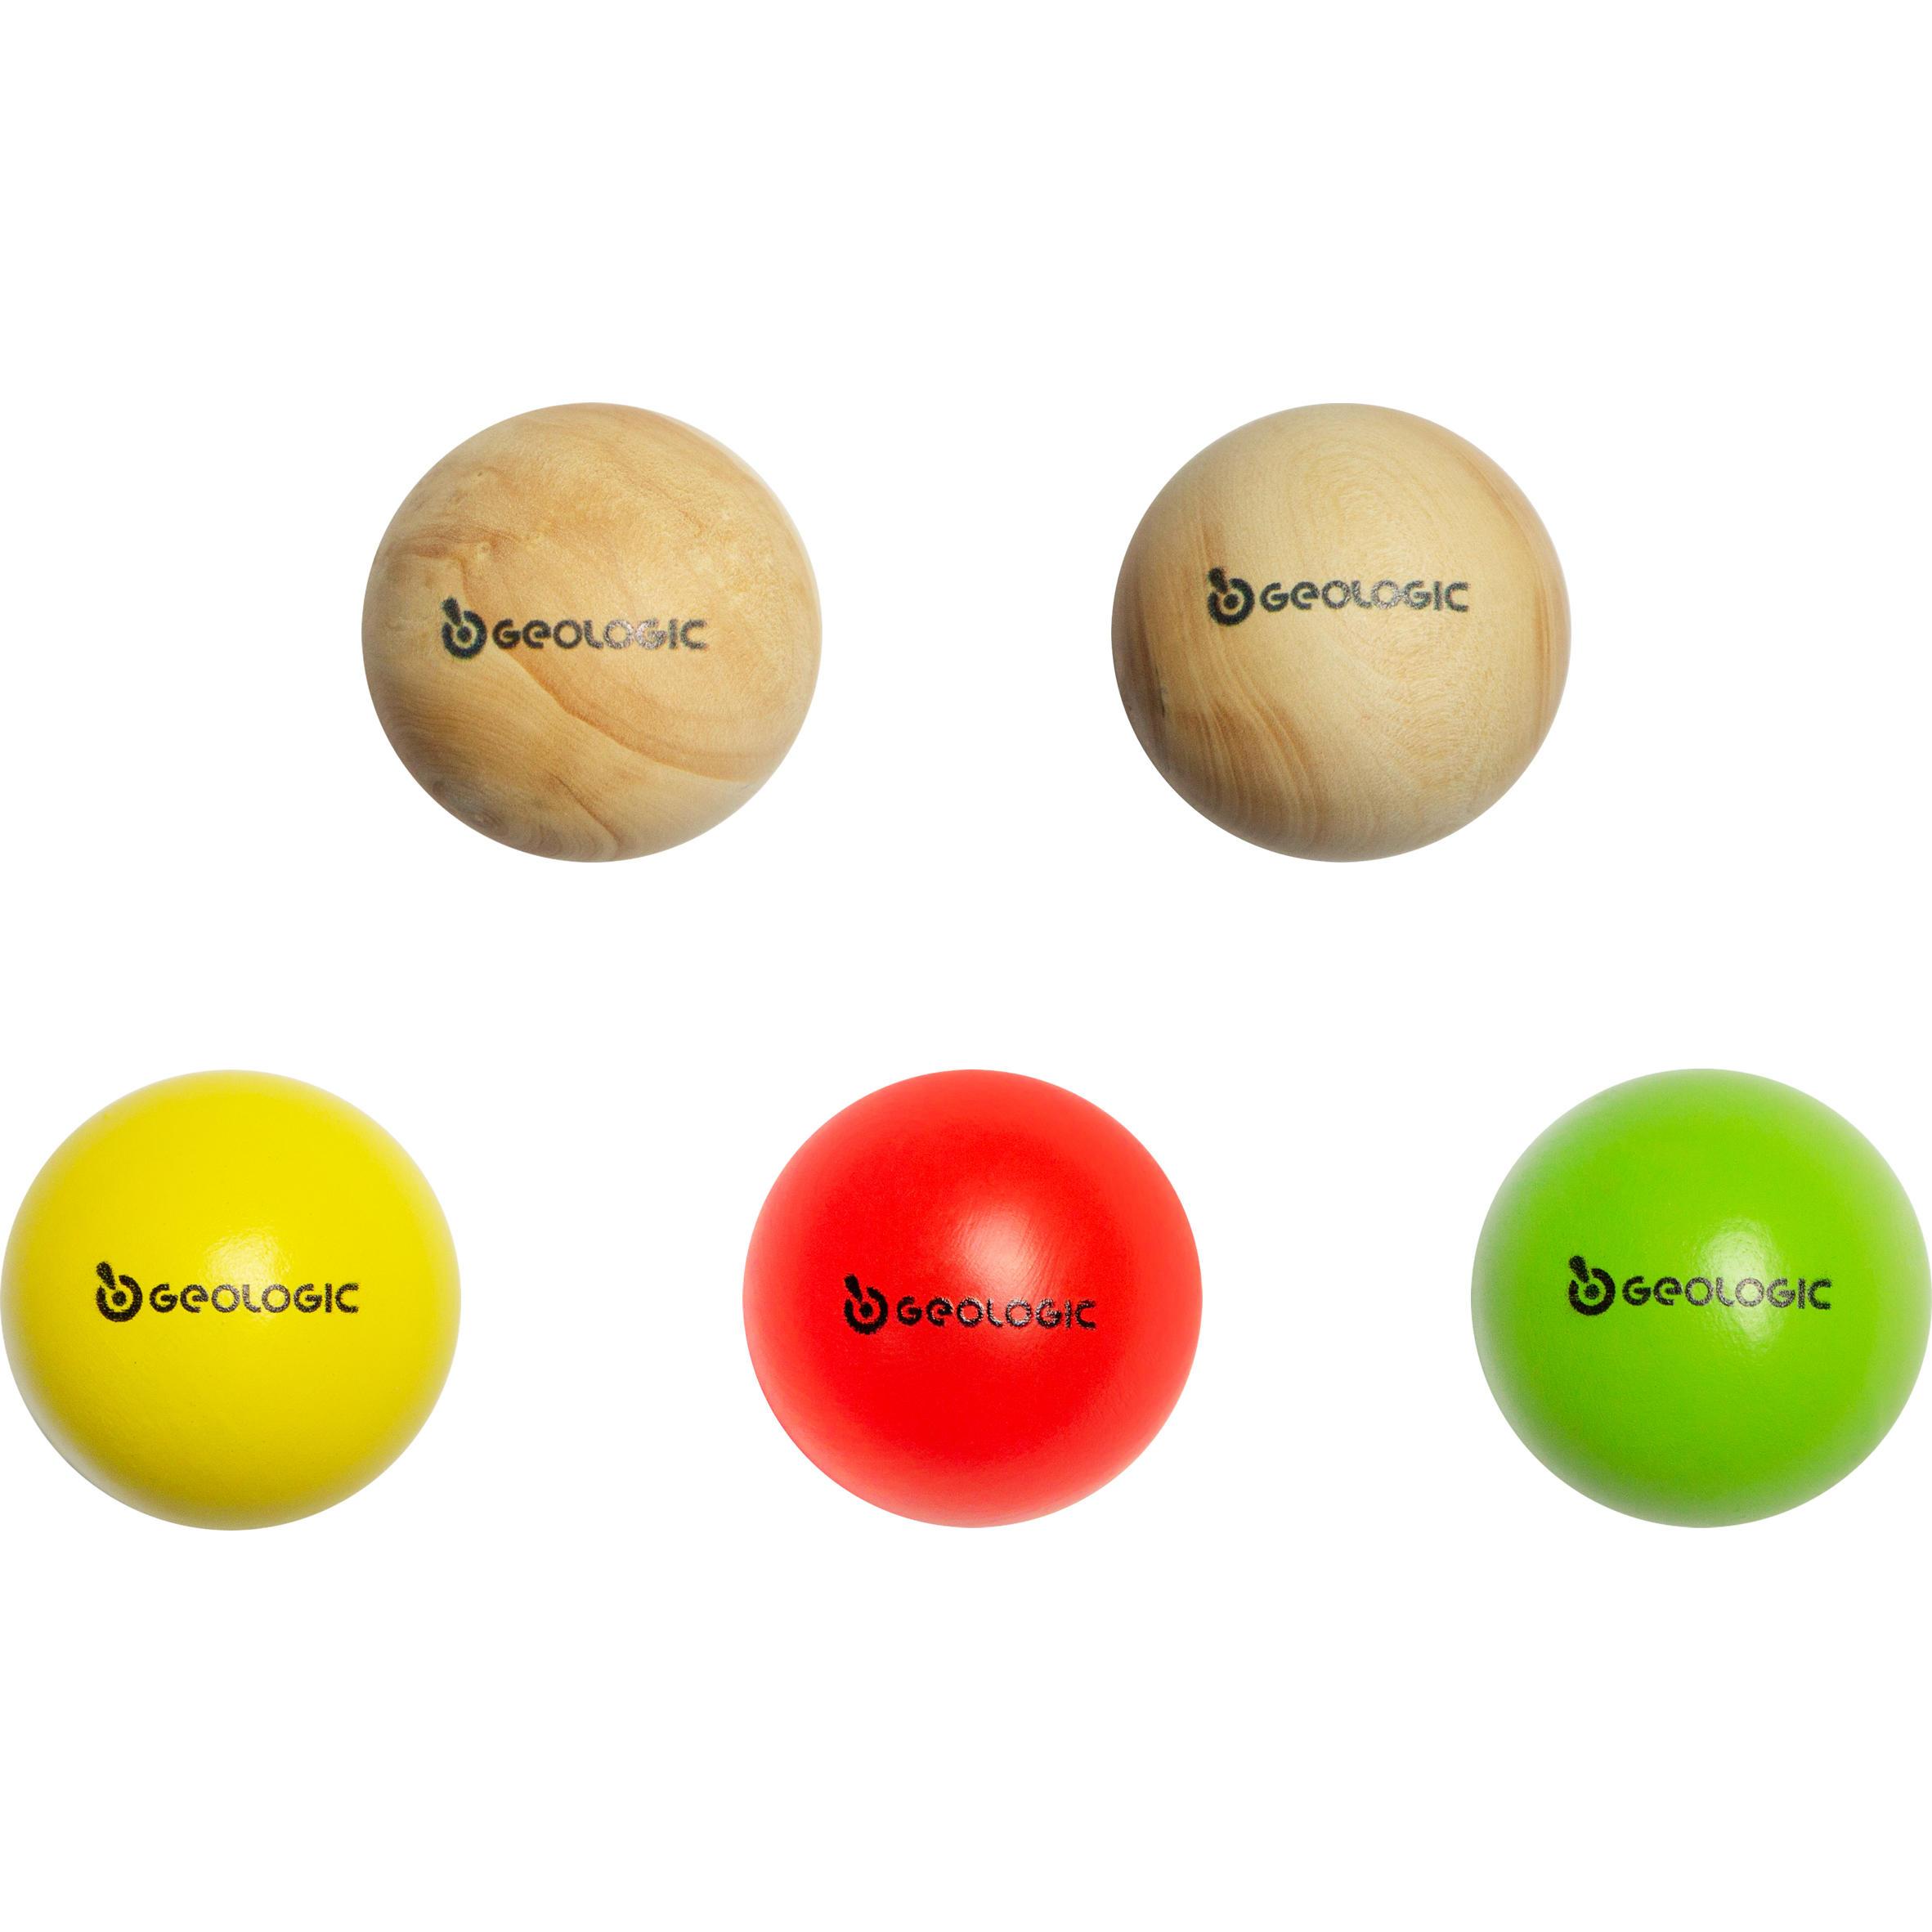 Jeu de boules kopen met voordeel